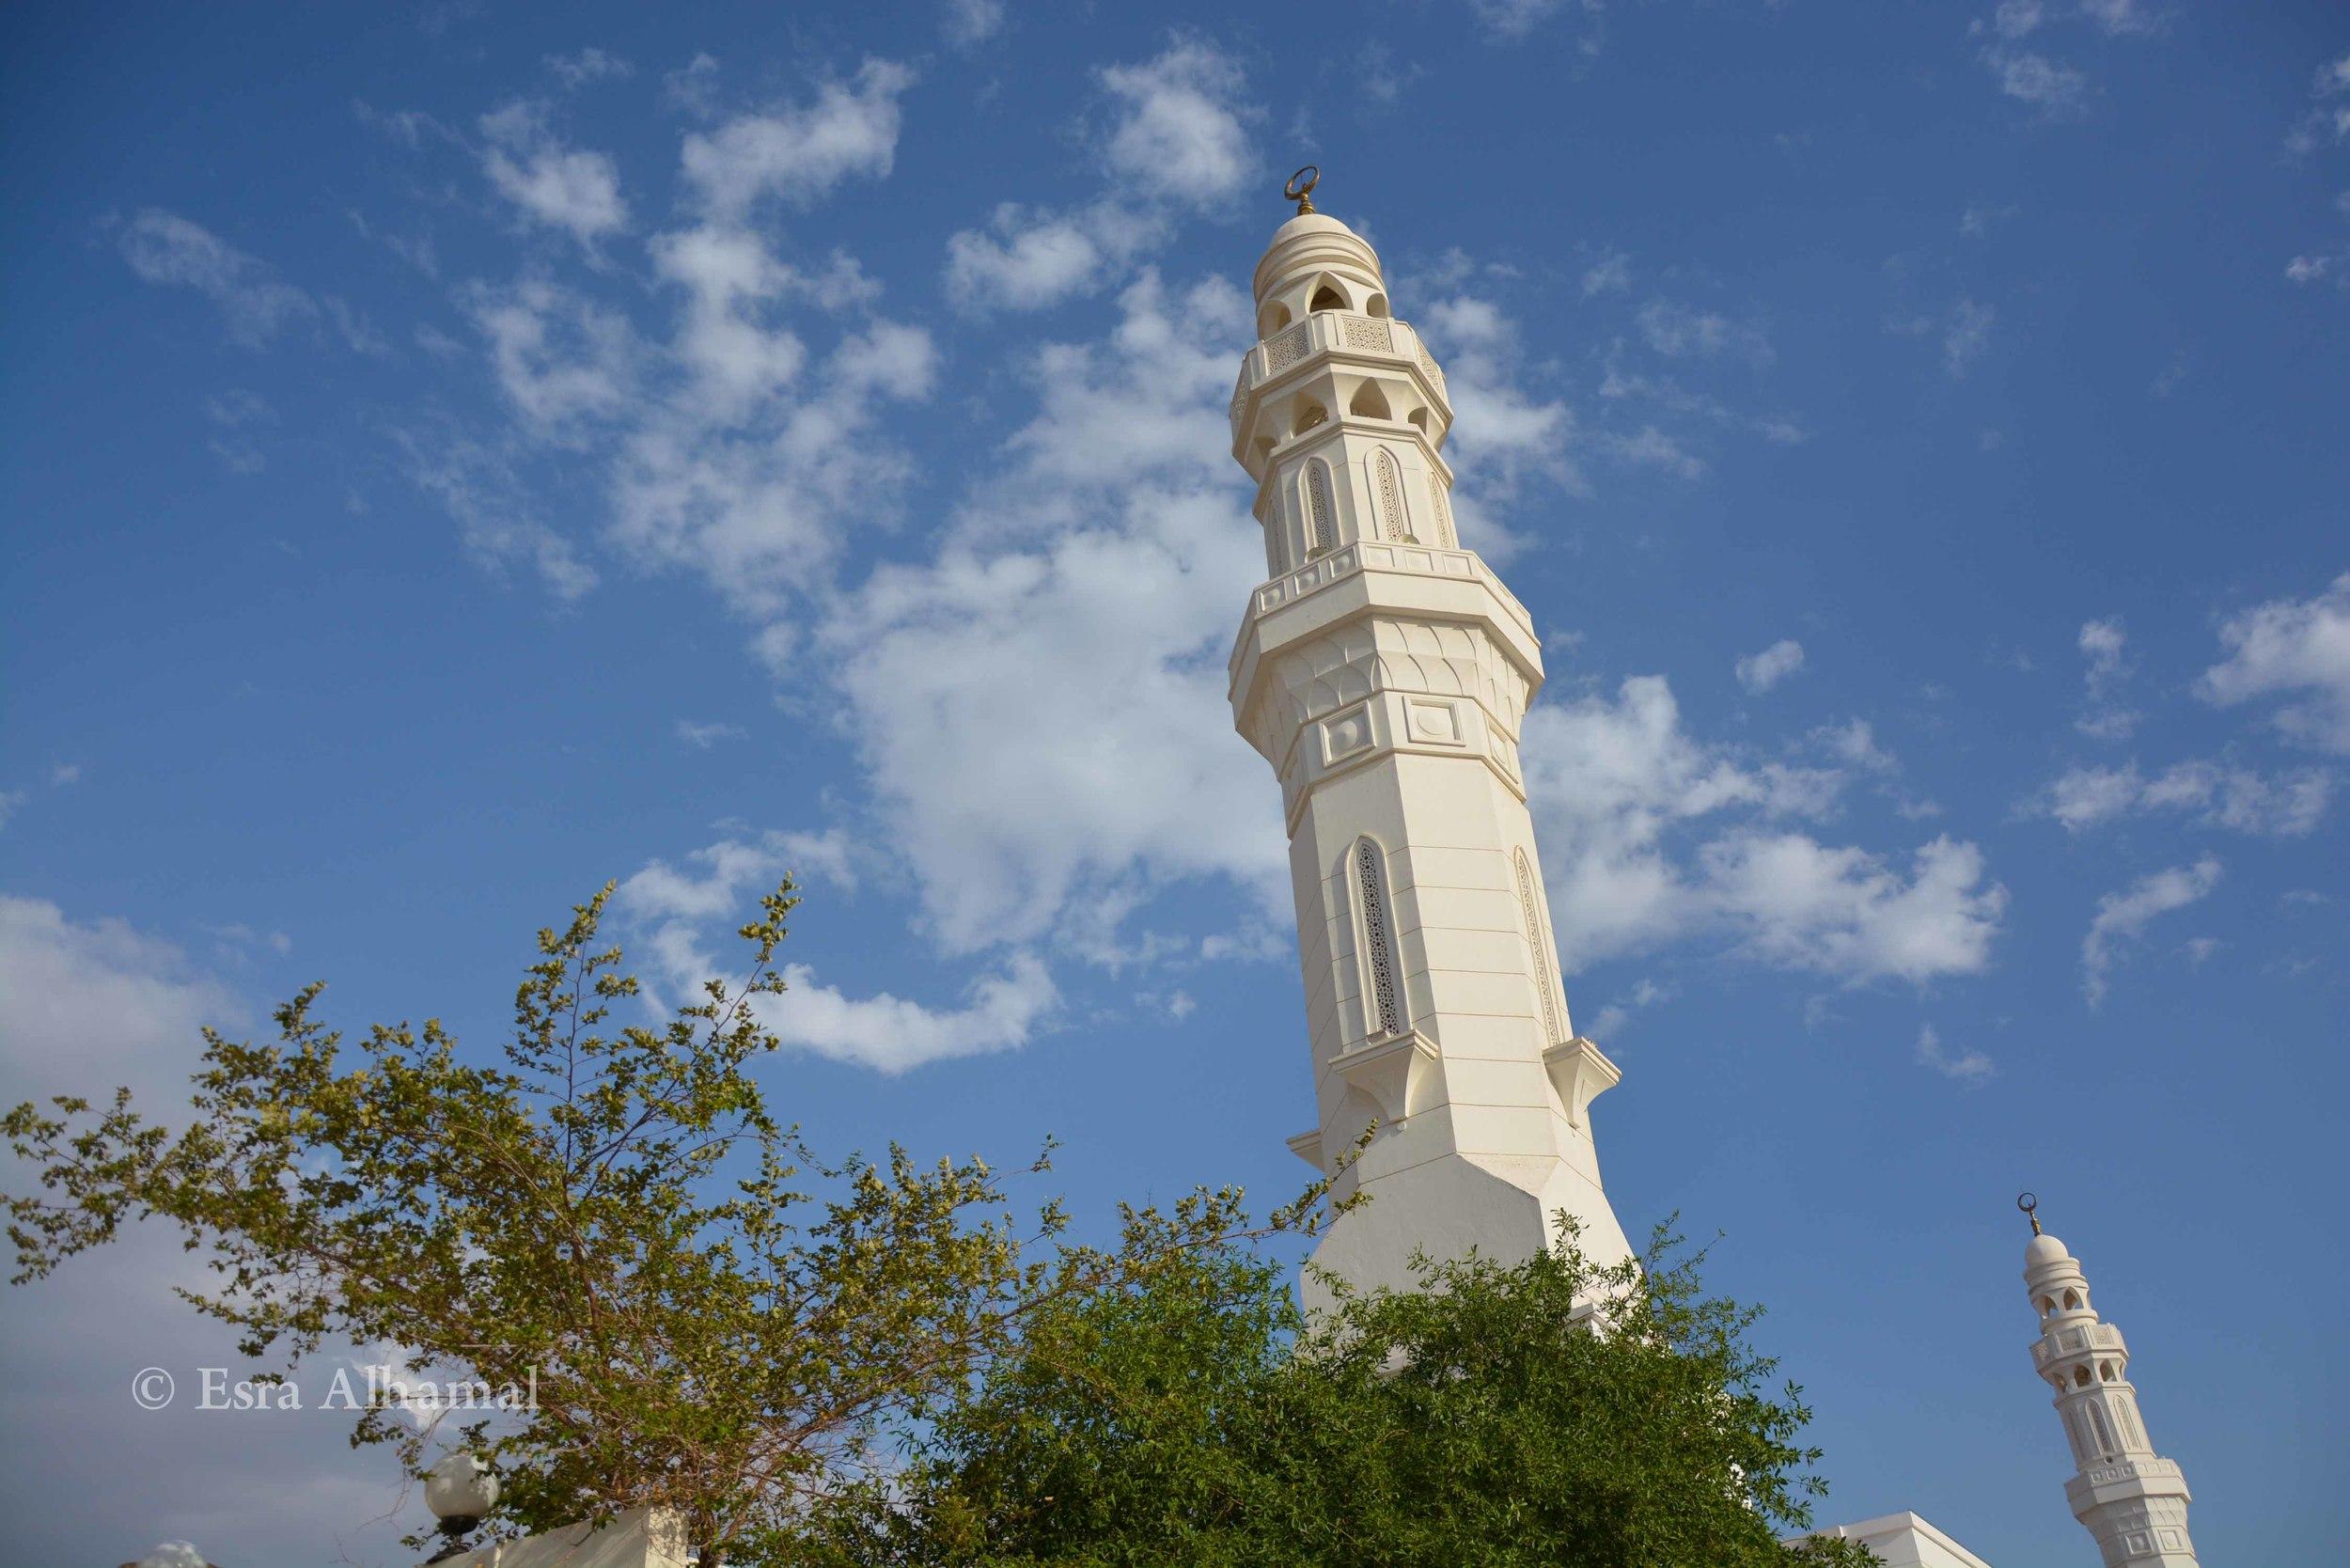 Al Khandaq Mosque (in seven mosques area) مسجد الخندق في منطقة السبع مساجد